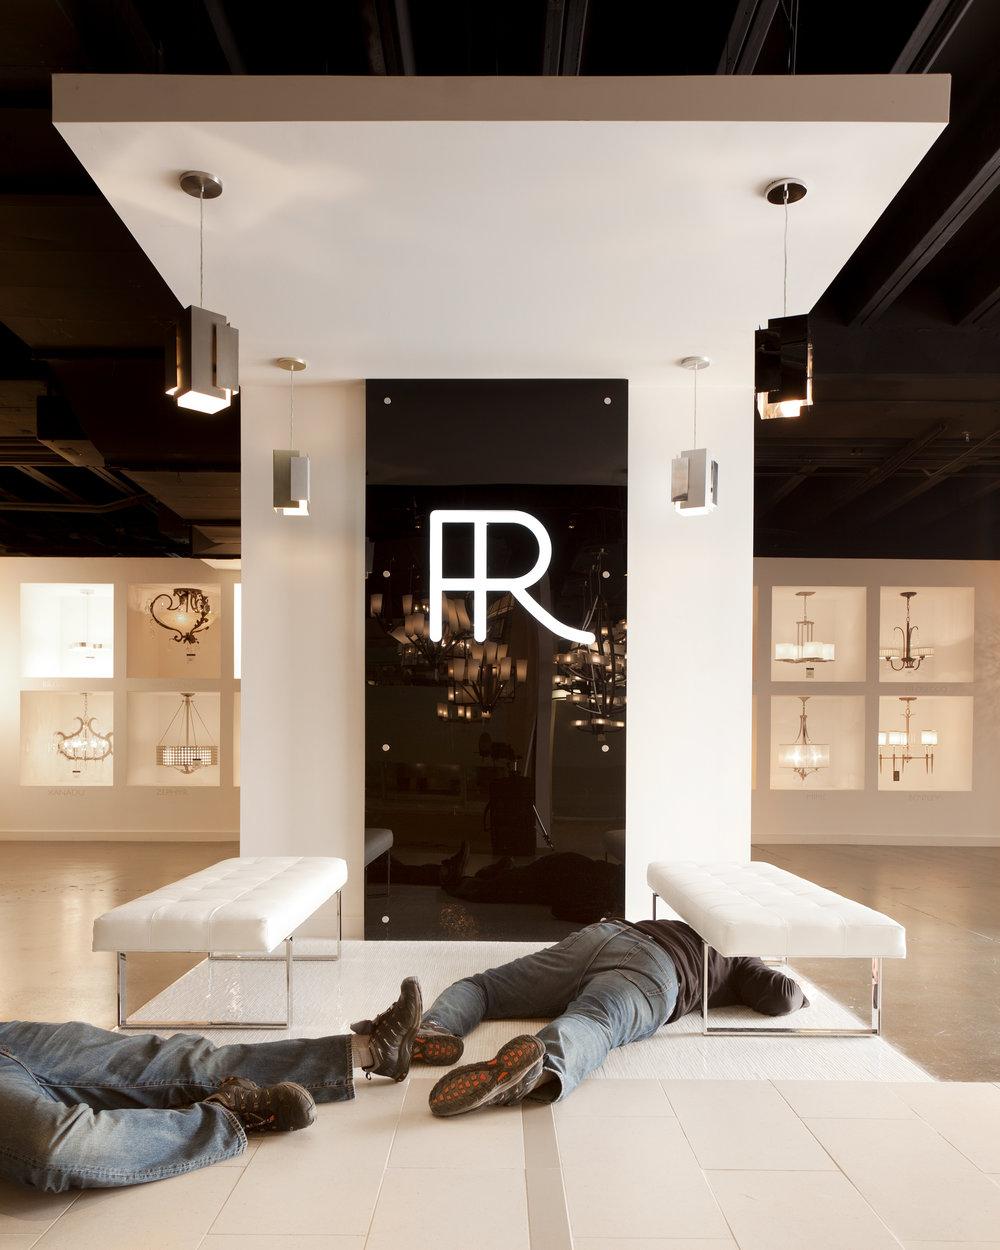 Stephen Karlisch Deadshots Fredrick Raymond Retail